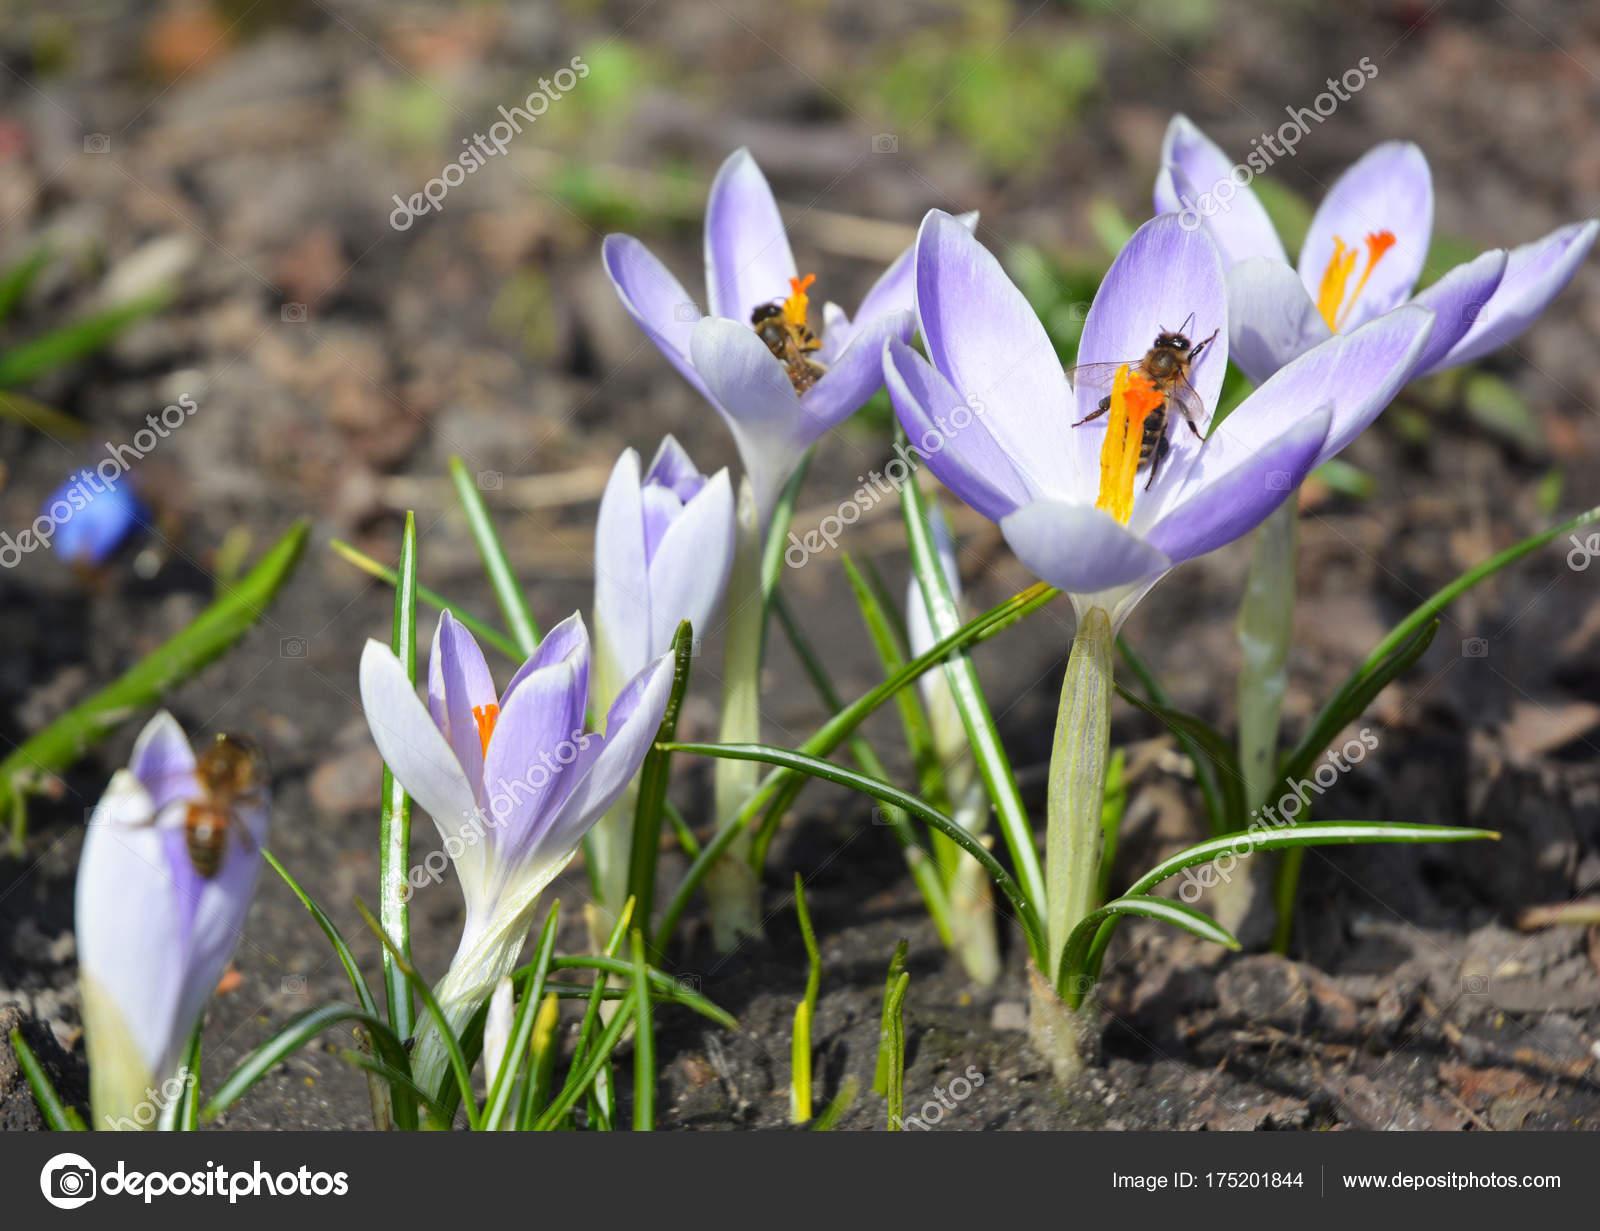 Wild forest spring flowers purple crocus flowers with honey bees wild forest spring flowers purple crocus flowers with honey bees saffron in the garden mightylinksfo